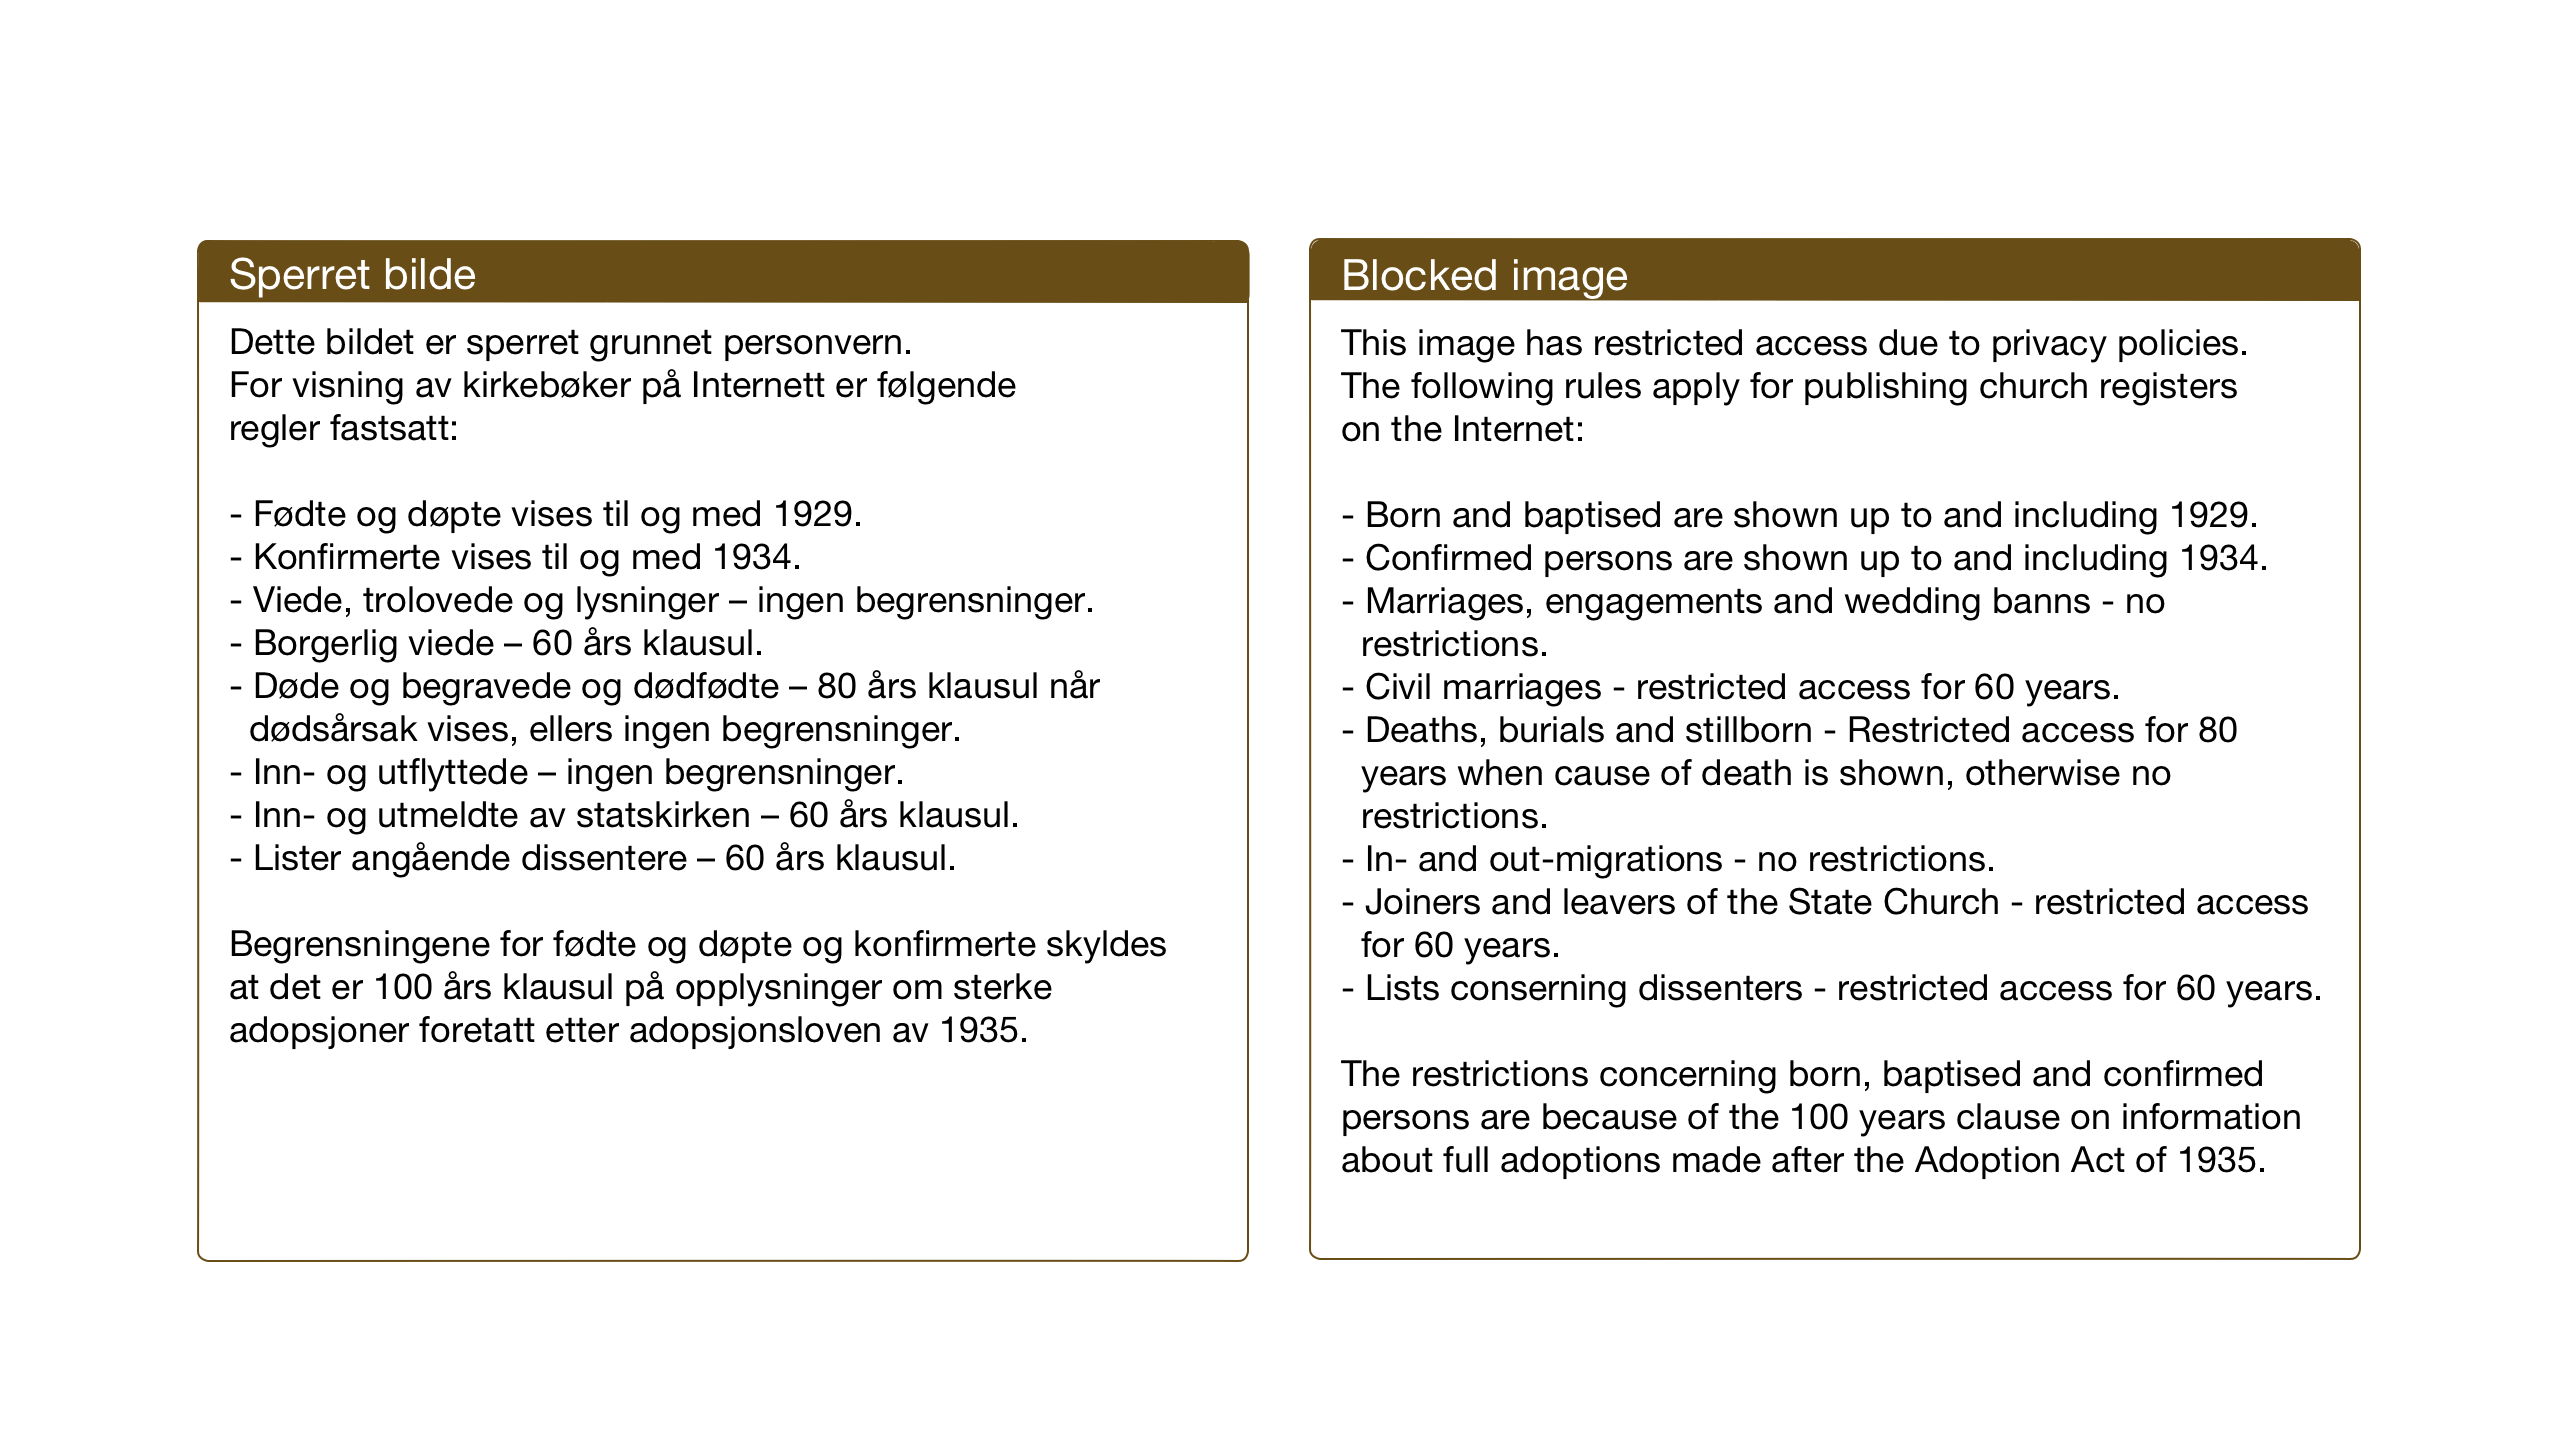 SAT, Ministerialprotokoller, klokkerbøker og fødselsregistre - Sør-Trøndelag, 674/L0878: Klokkerbok nr. 674C05, 1941-1950, s. 22